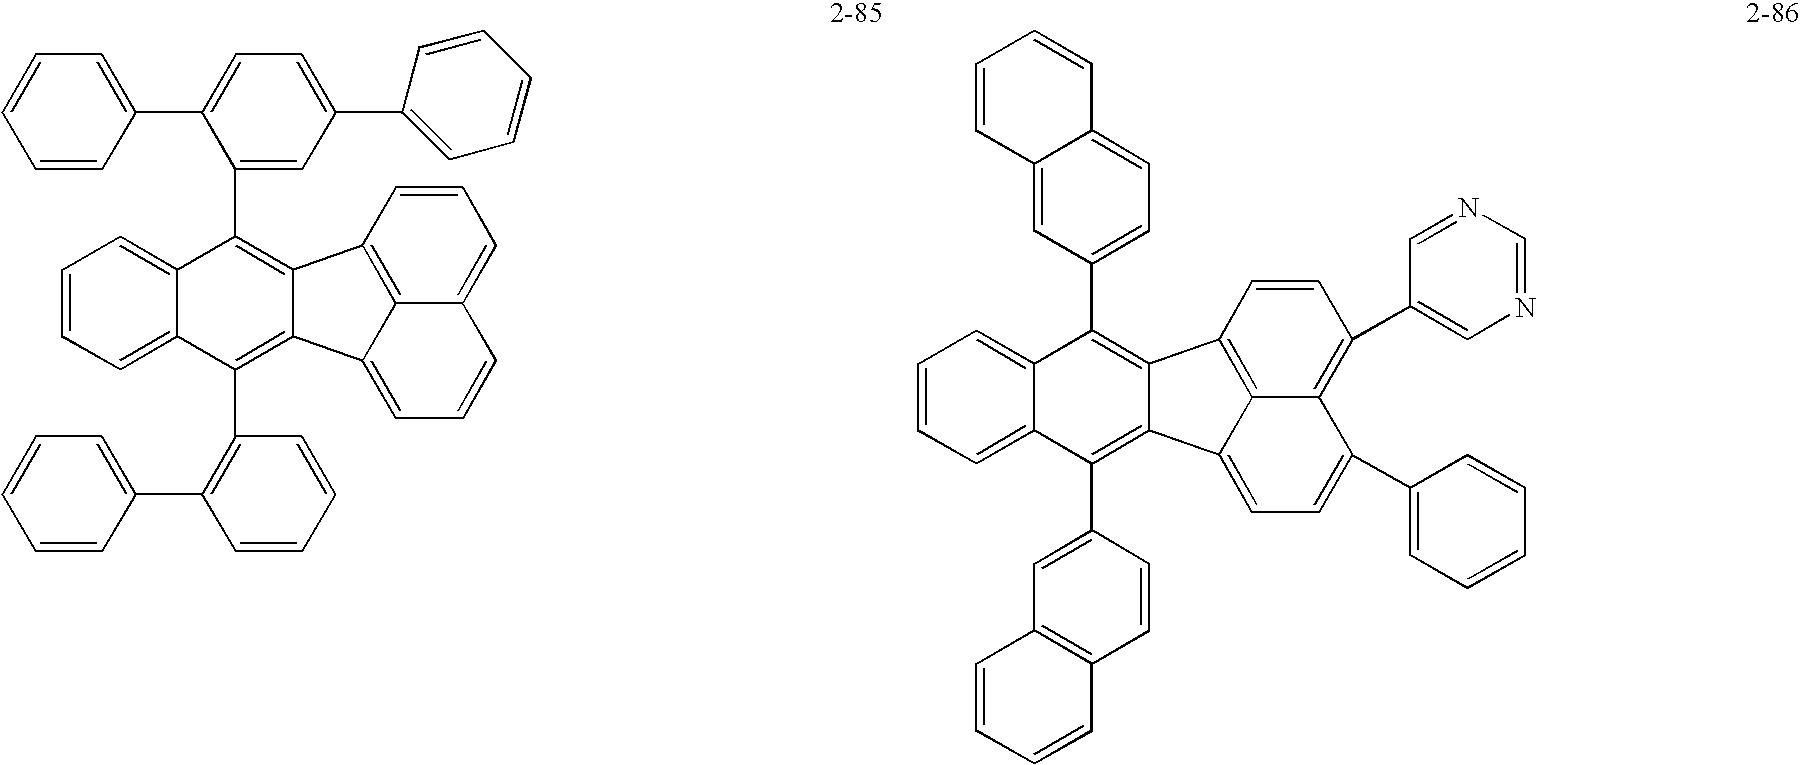 Figure US20100171109A1-20100708-C00268